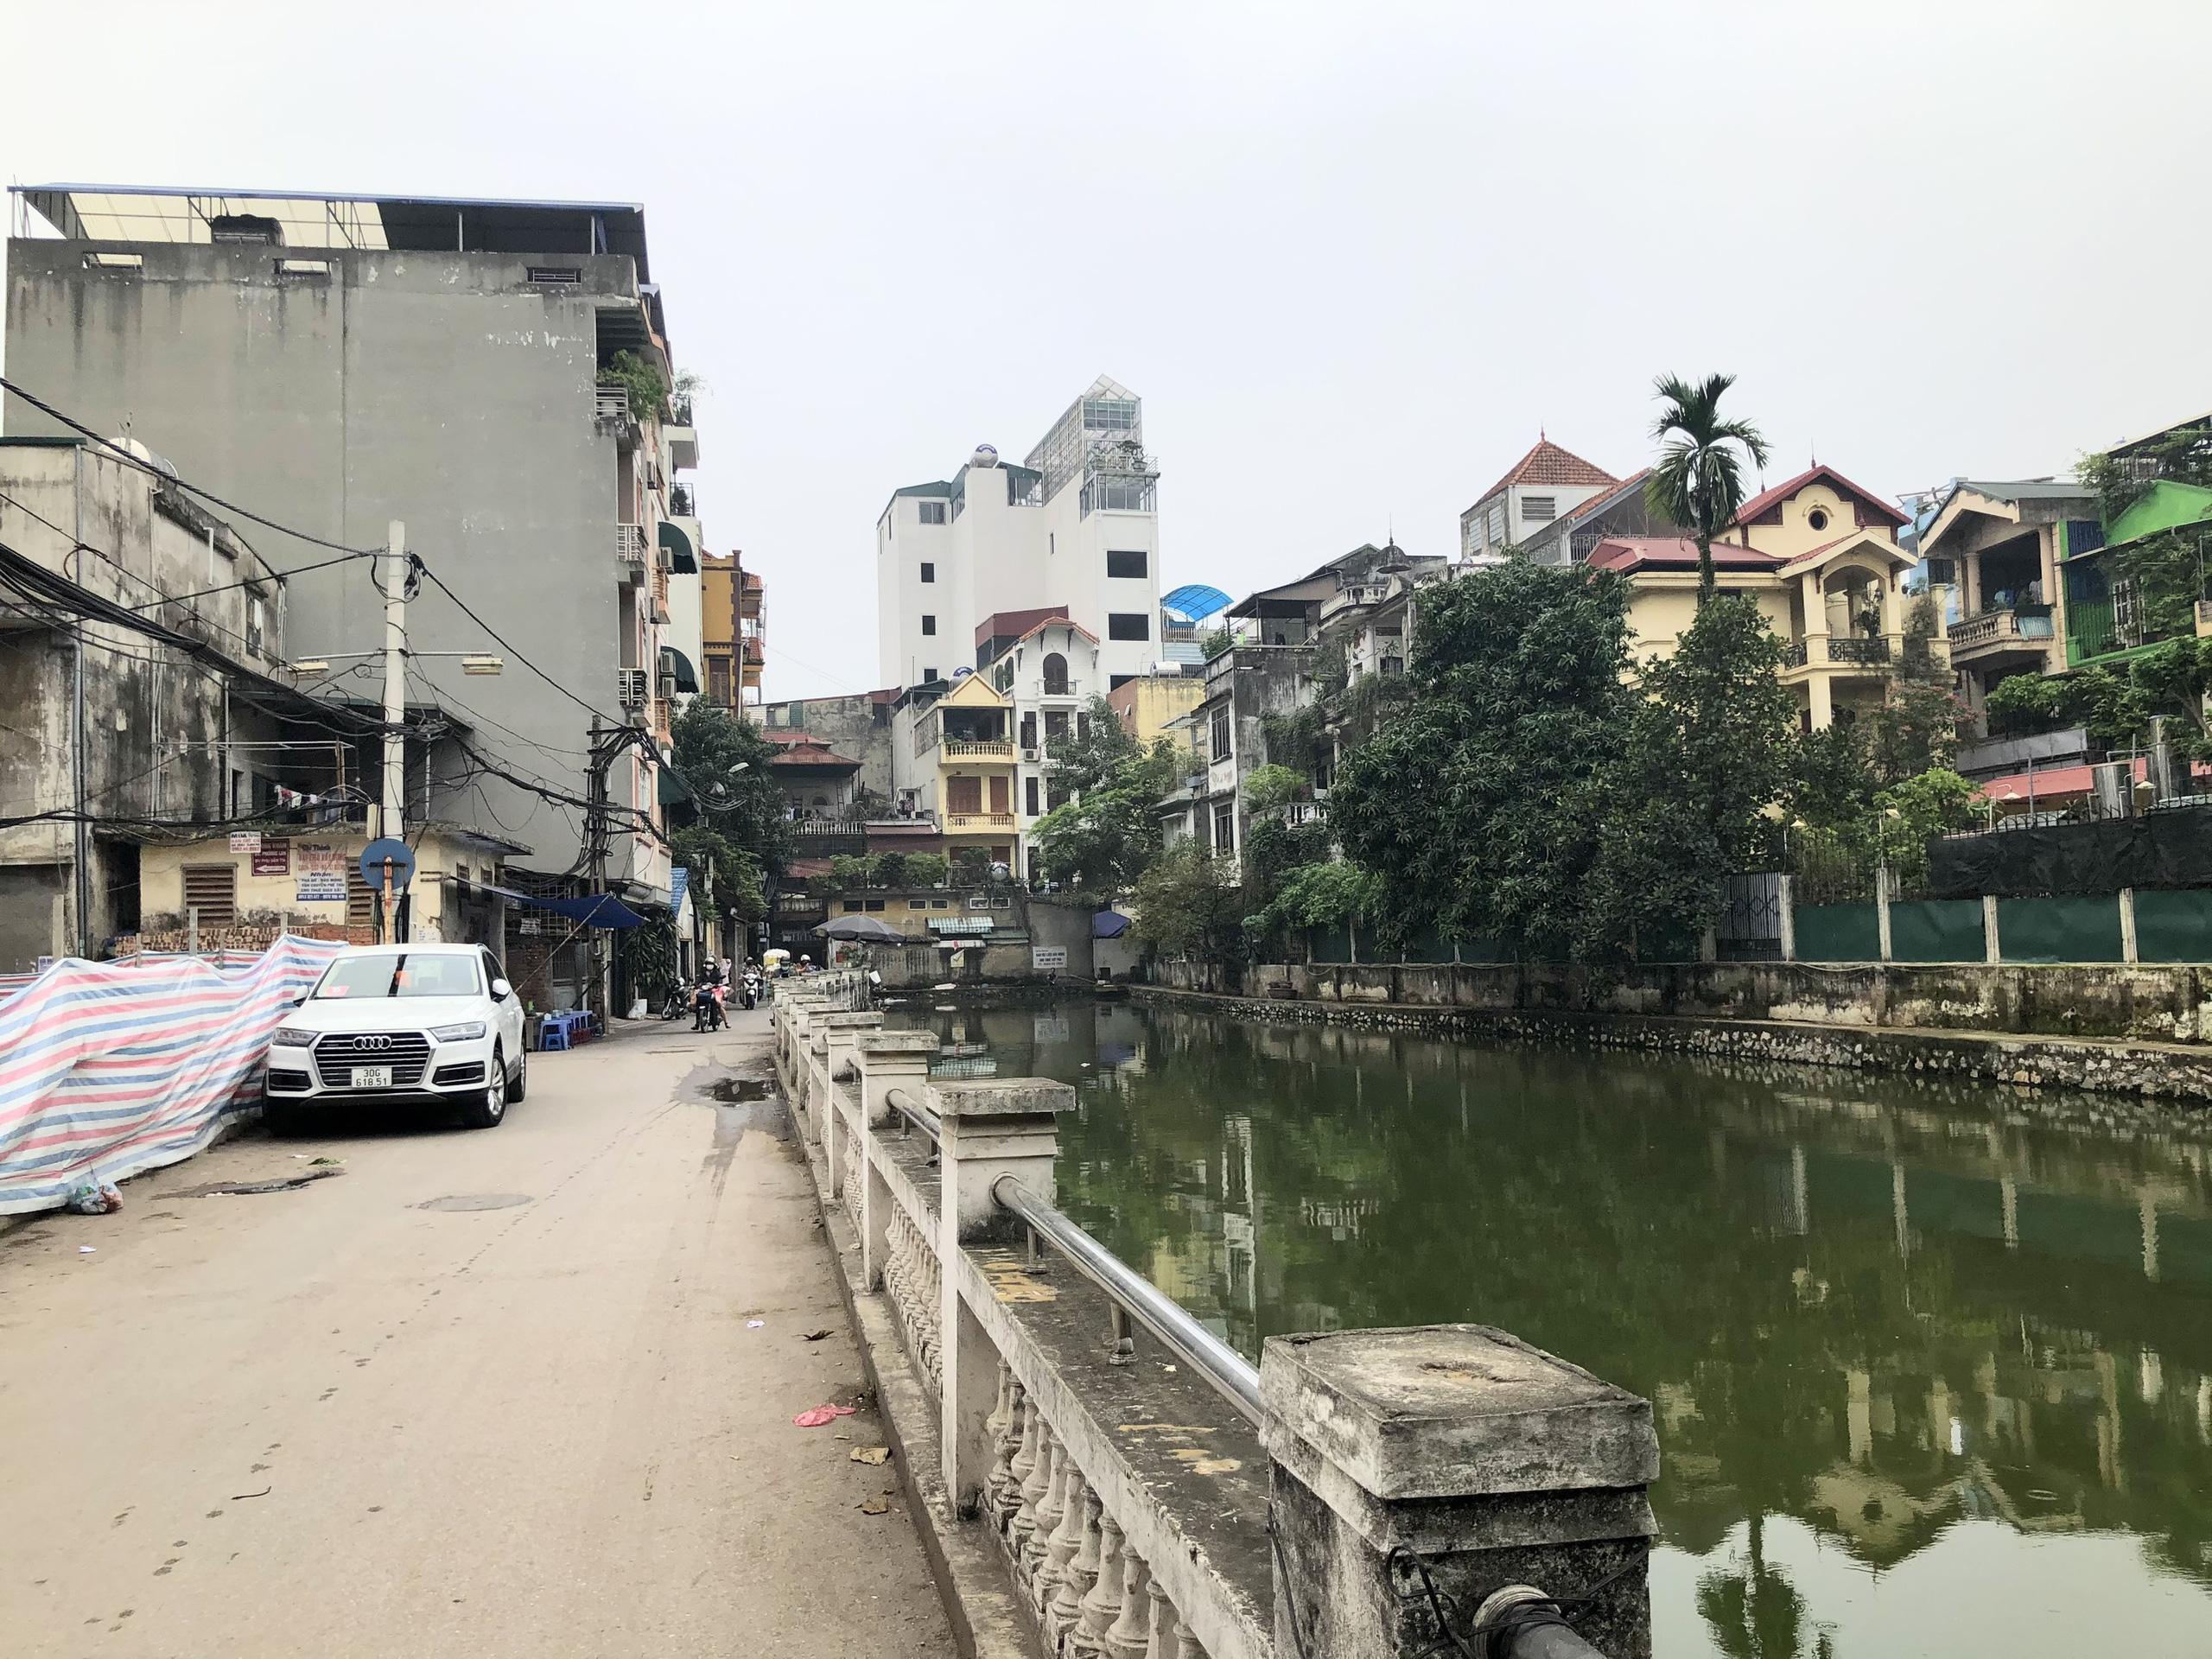 Đường sắp mở theo quy hoạch ở phường Ngọc Hà, Ba Đình, Hà Nội (phần 3): Hai đường nối ngõ Đội Cấn - phố Ngọc Hà  - Ảnh 10.